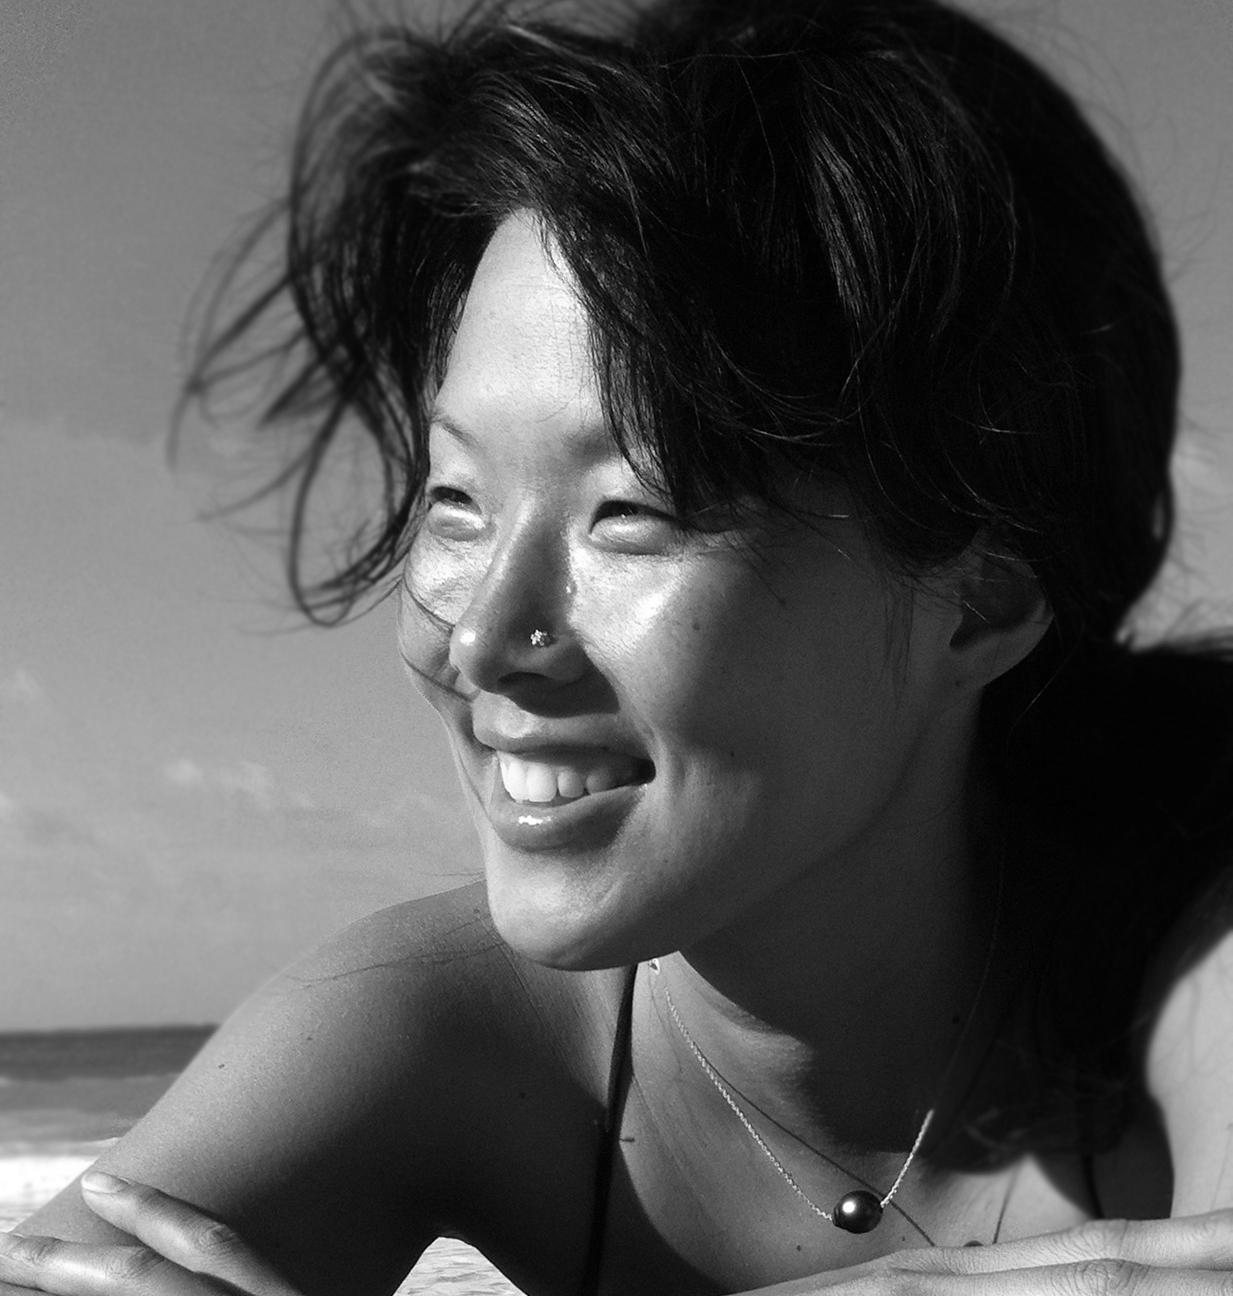 riji.beach. BW jpg